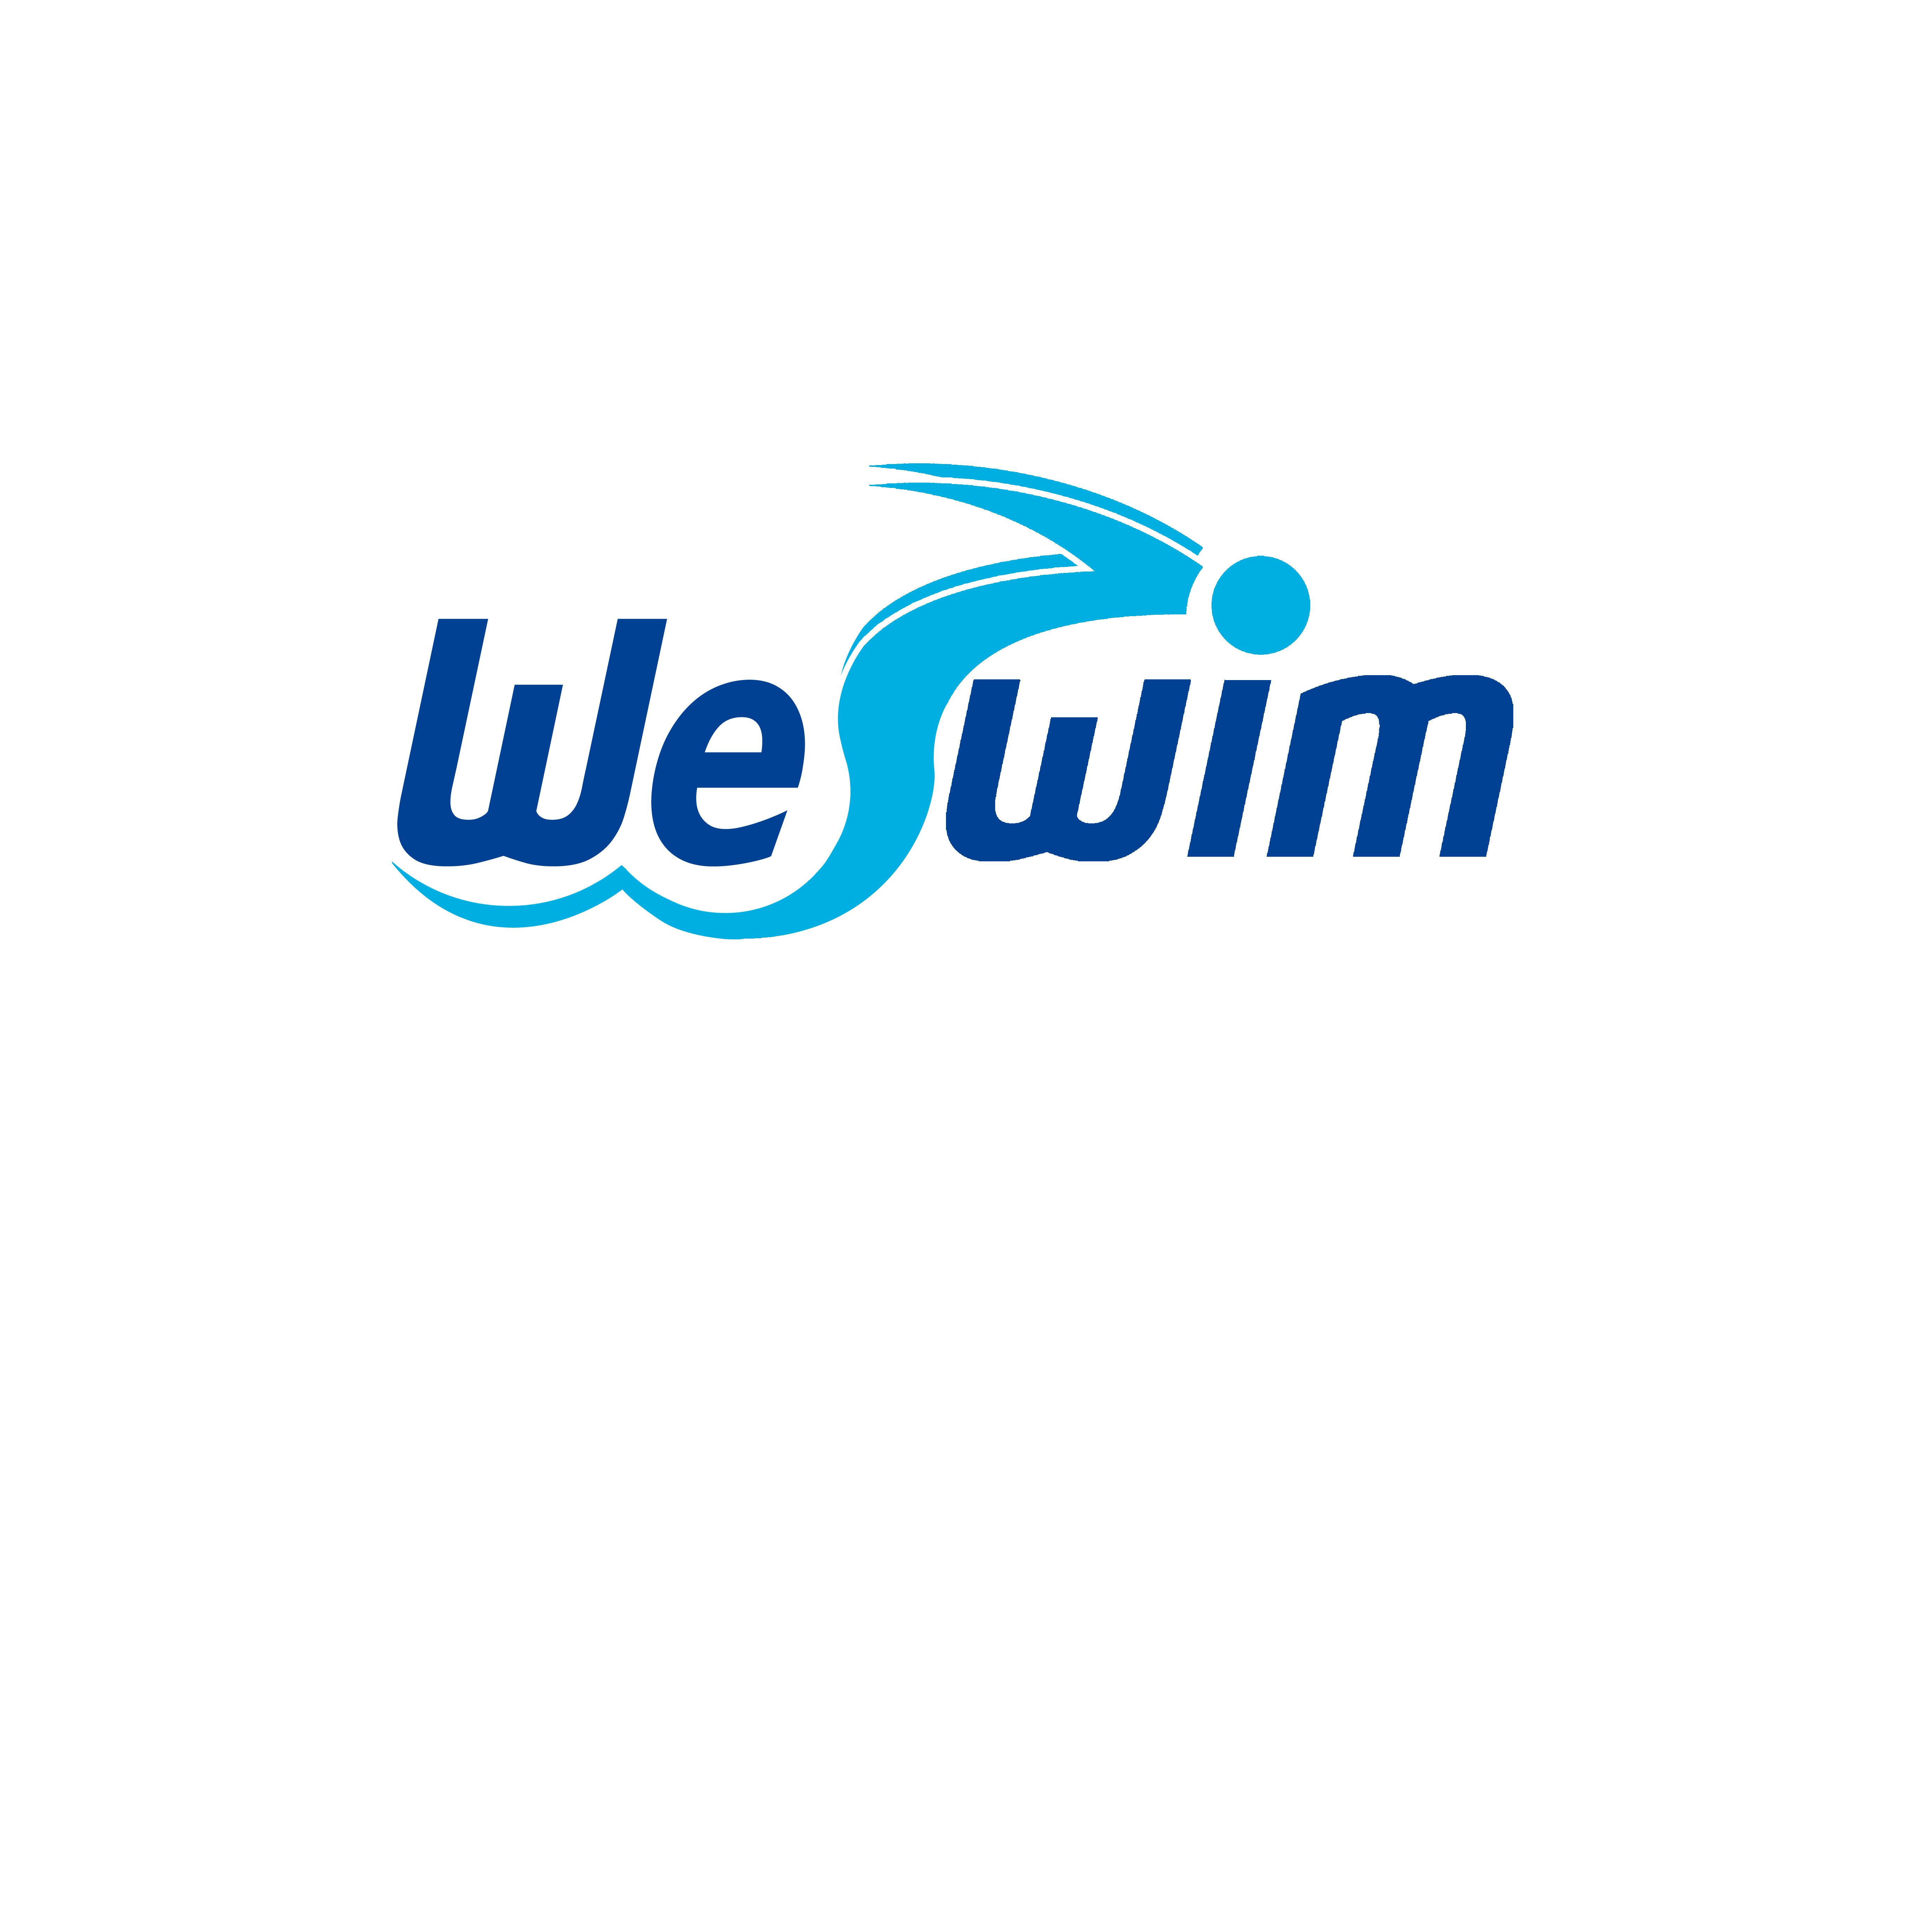 Logo Design by Allan Esclamado - Entry No. 124 in the Logo Design Contest Captivating Logo Design for We Swim.